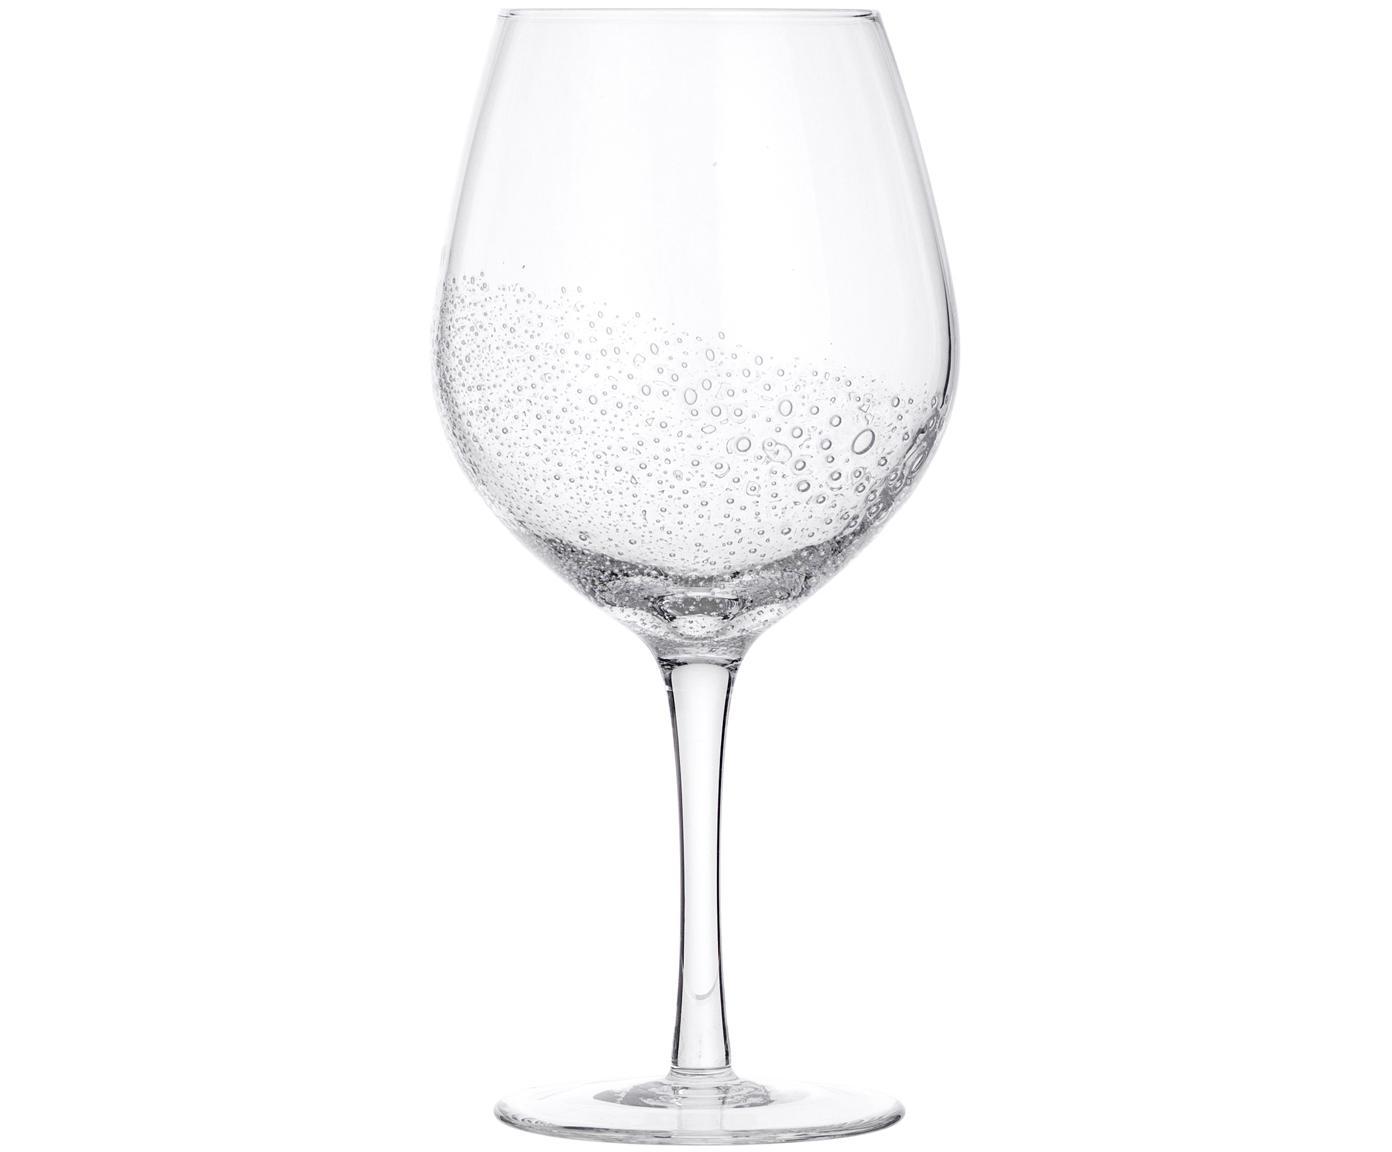 Copas de vino tinto de vidrio soplado Bubble, 4uds., Vidrio soplado artesanalmente, Transparente con burbujas de aire, Ø 10 x Al 22 cm